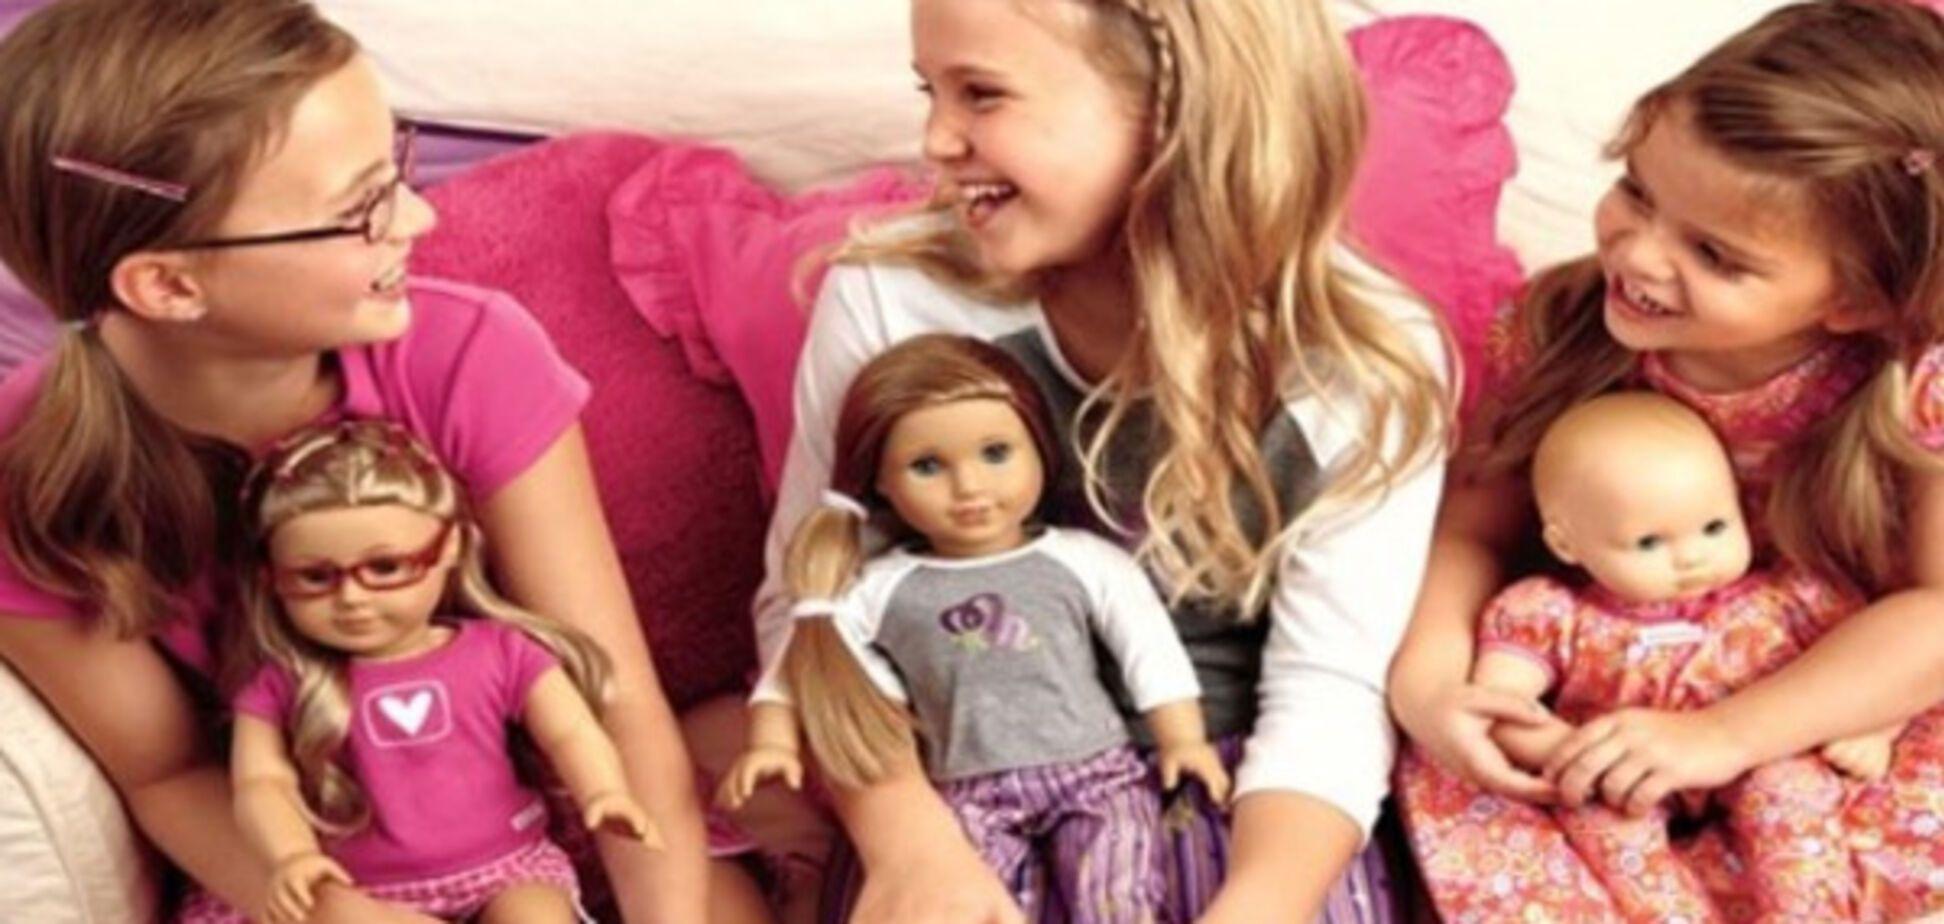 Куклы для разных возрастов: выбираем подарок для девочки